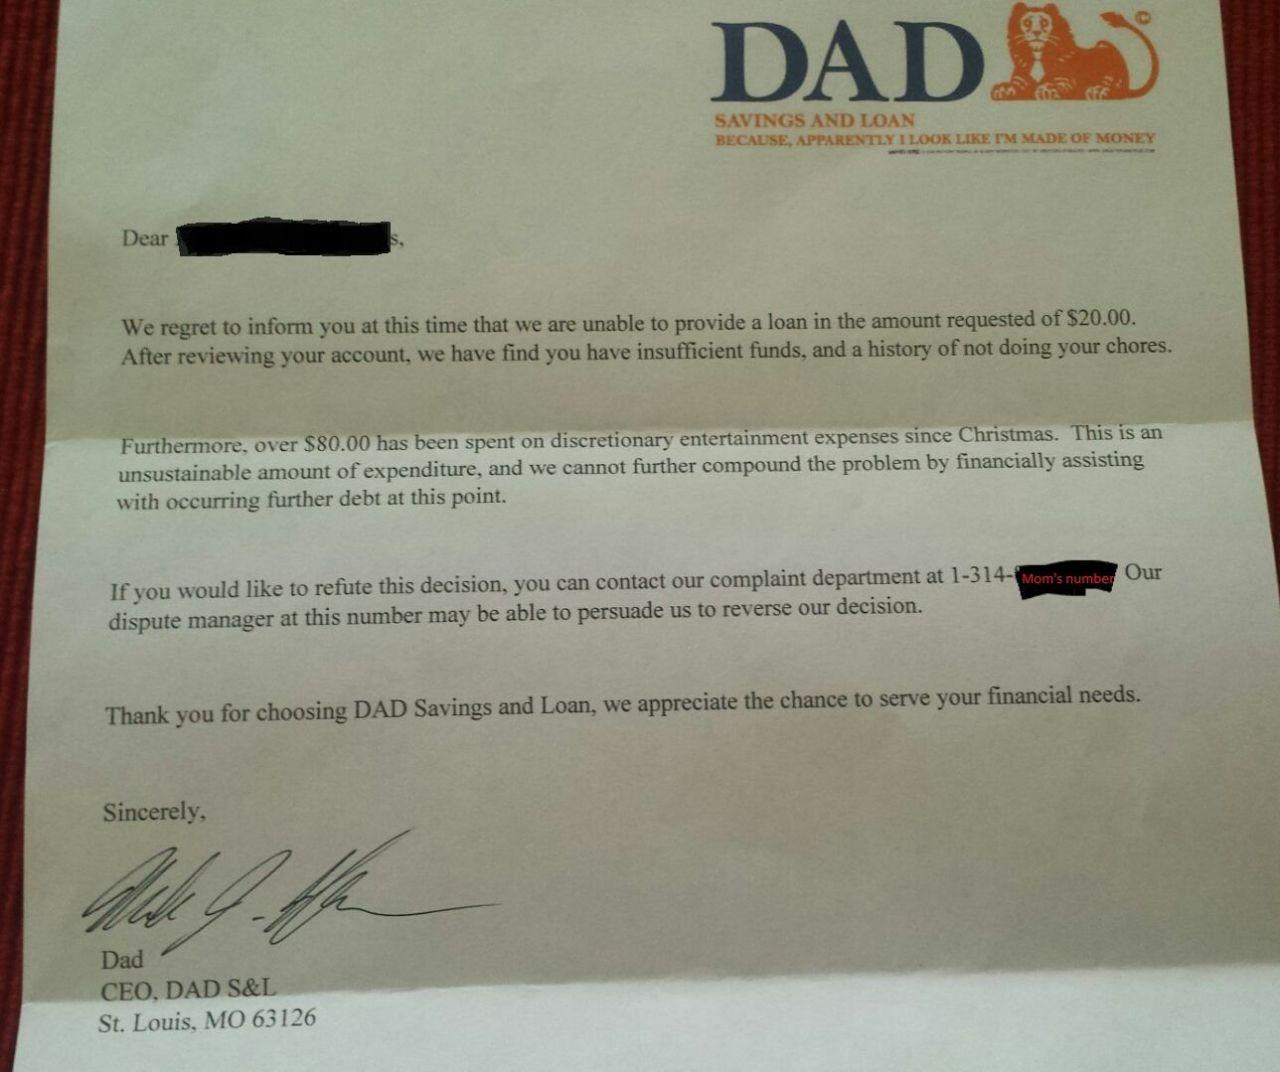 lettera del papà al figlio di 6 anni